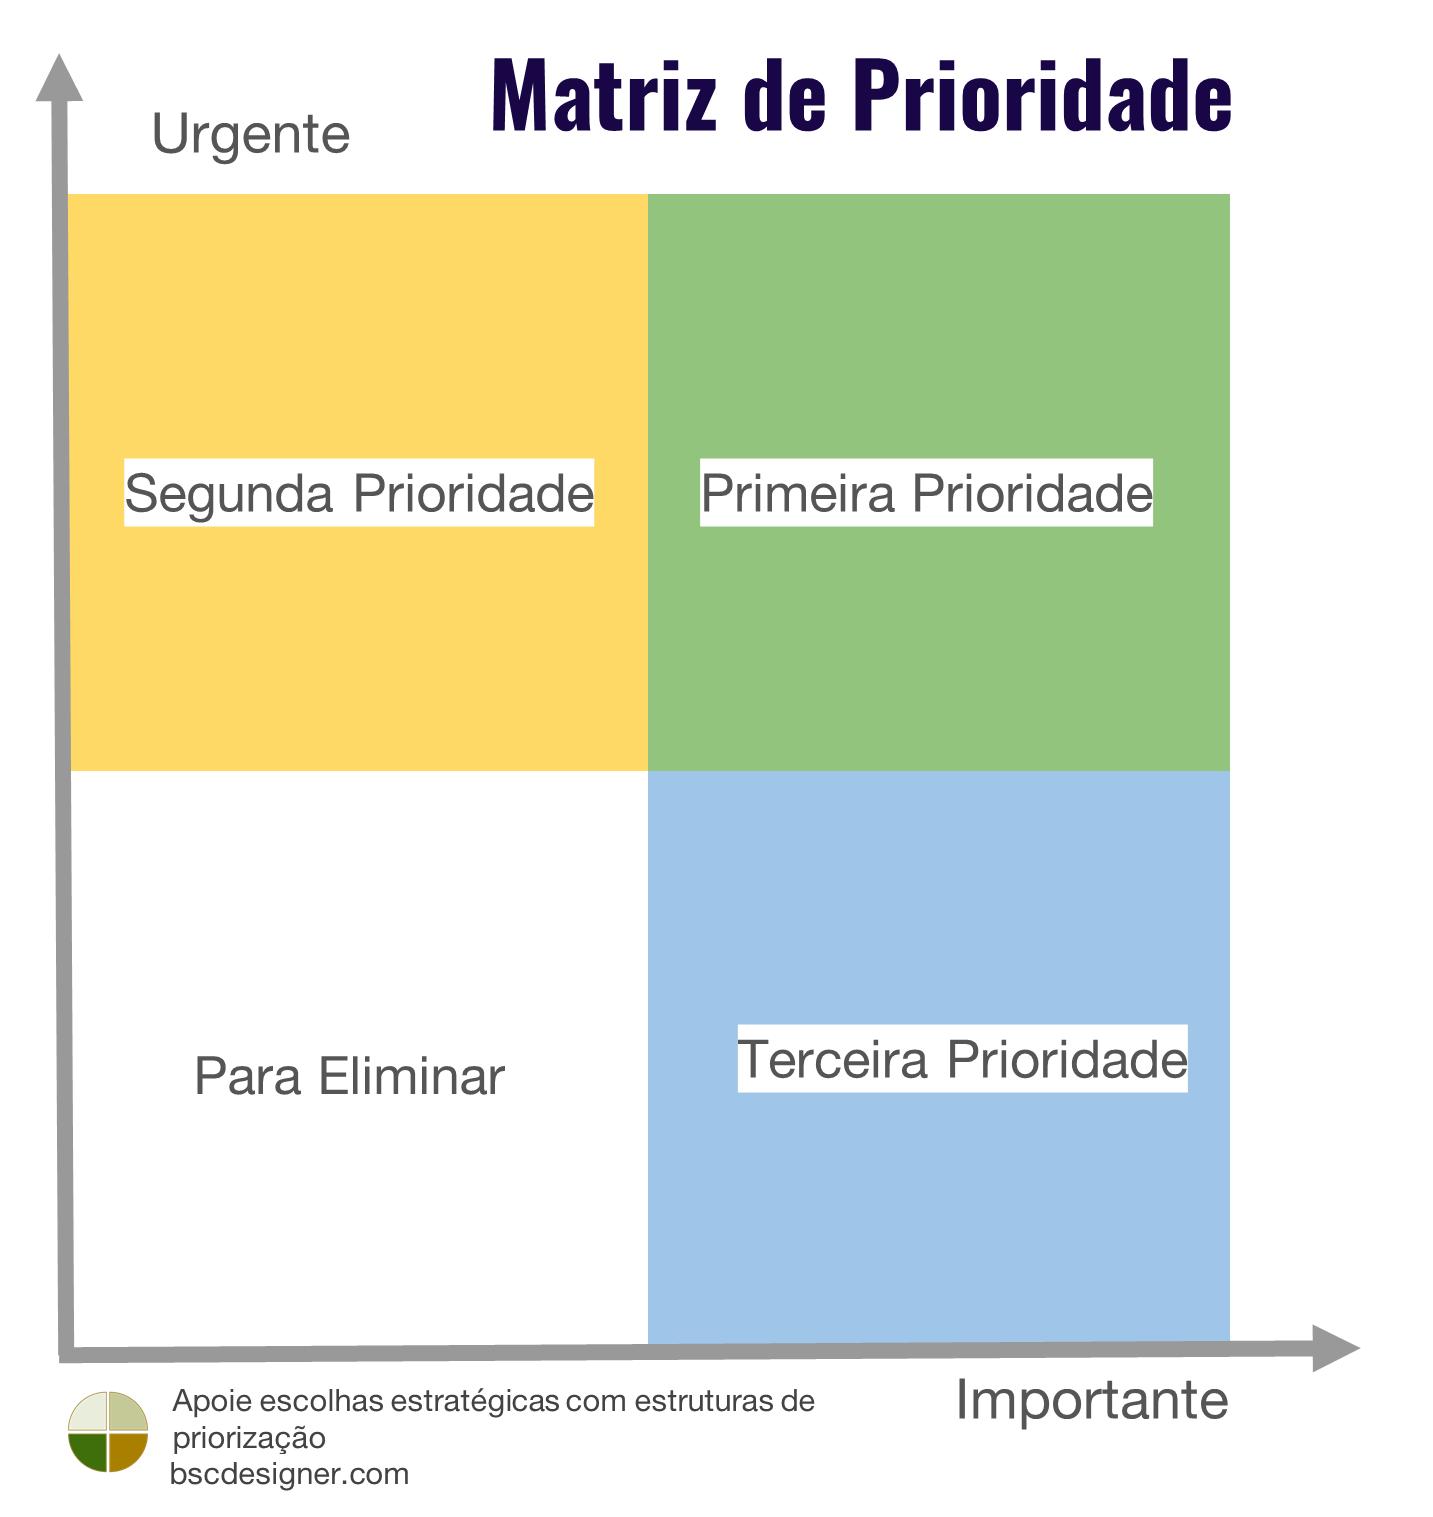 Matriz de Prioridade